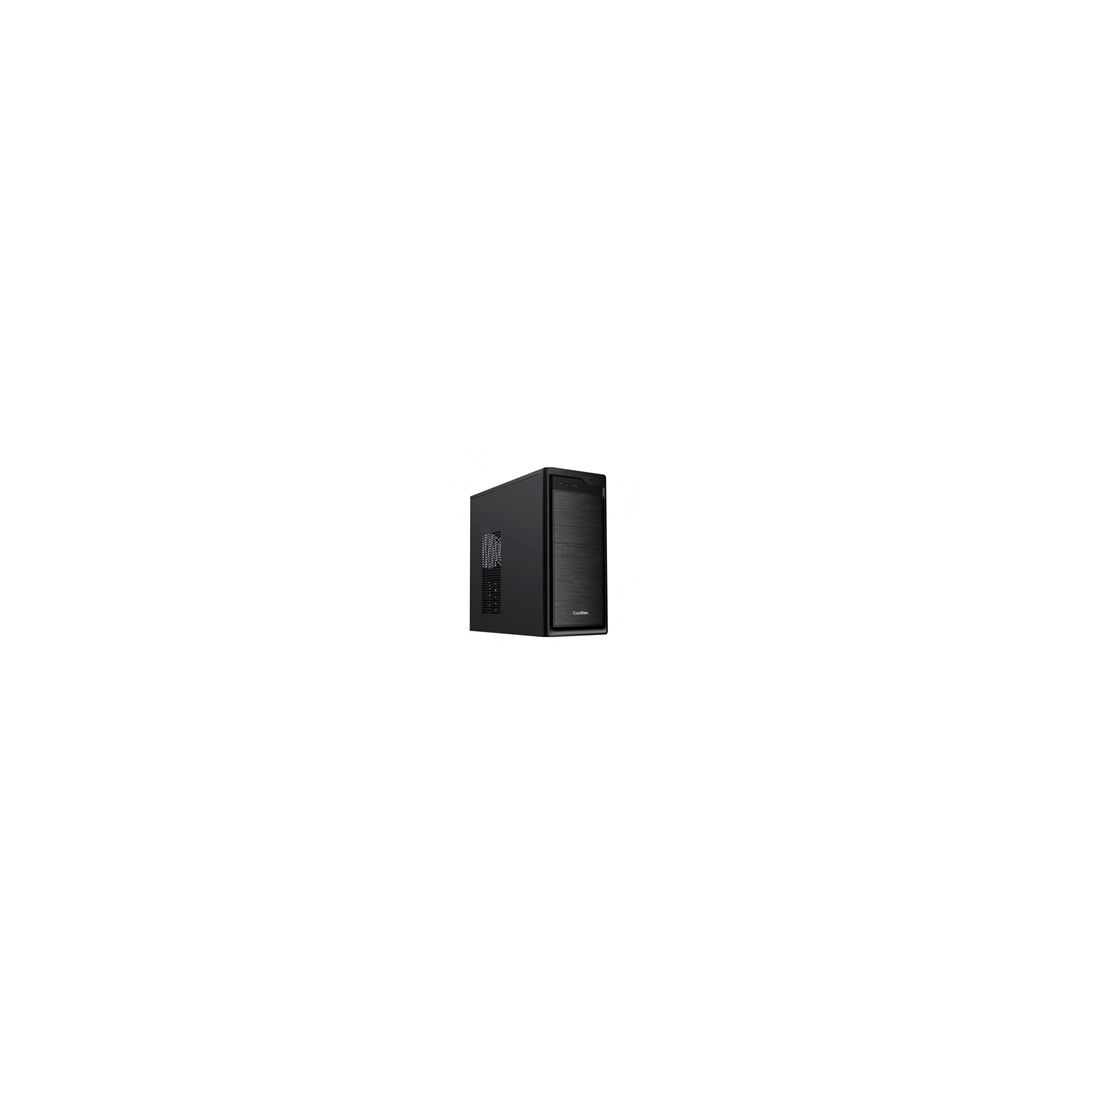 Coolbox Caja ATX F800 2xUSB30 SIN FTE